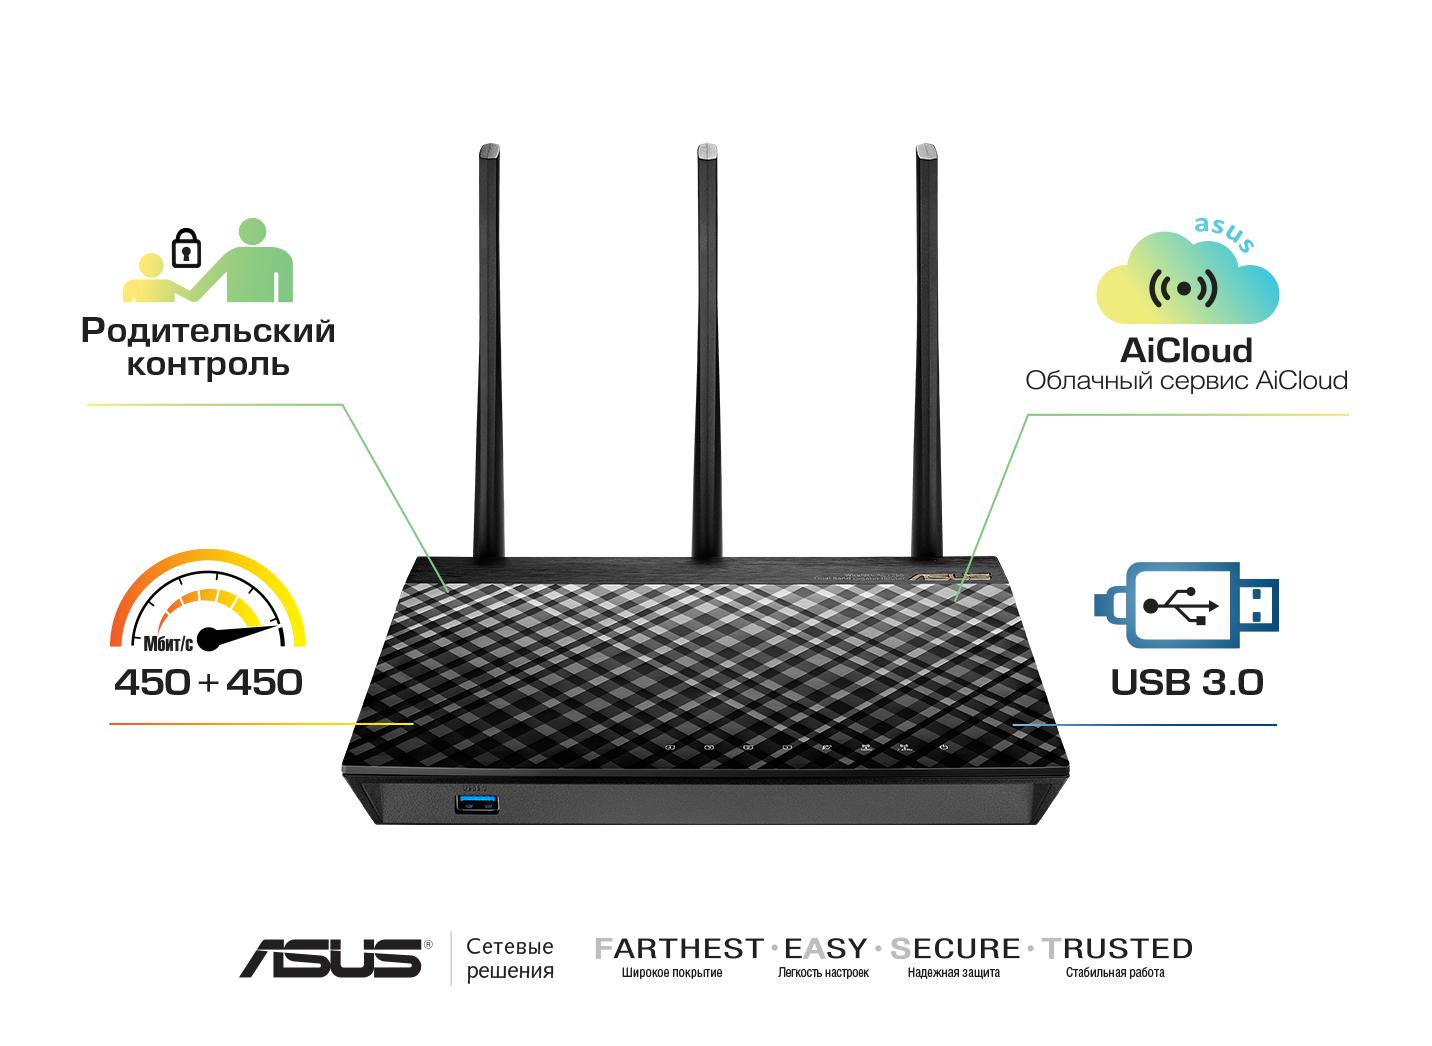 Роутер ASUS RT-N66U 802.11n N900 Двухдиапазонный